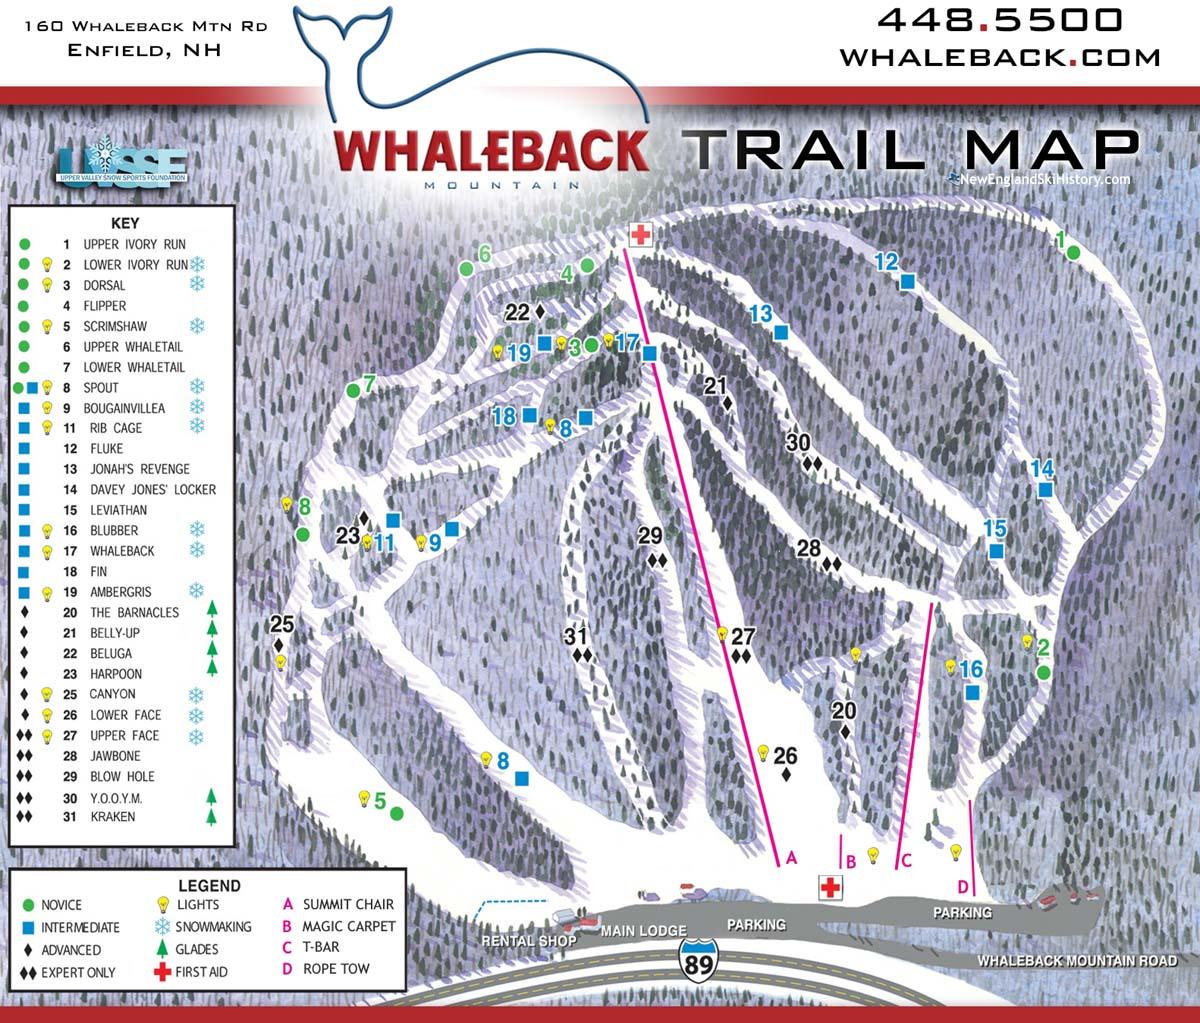 2020-21 Whaleback Trail Map